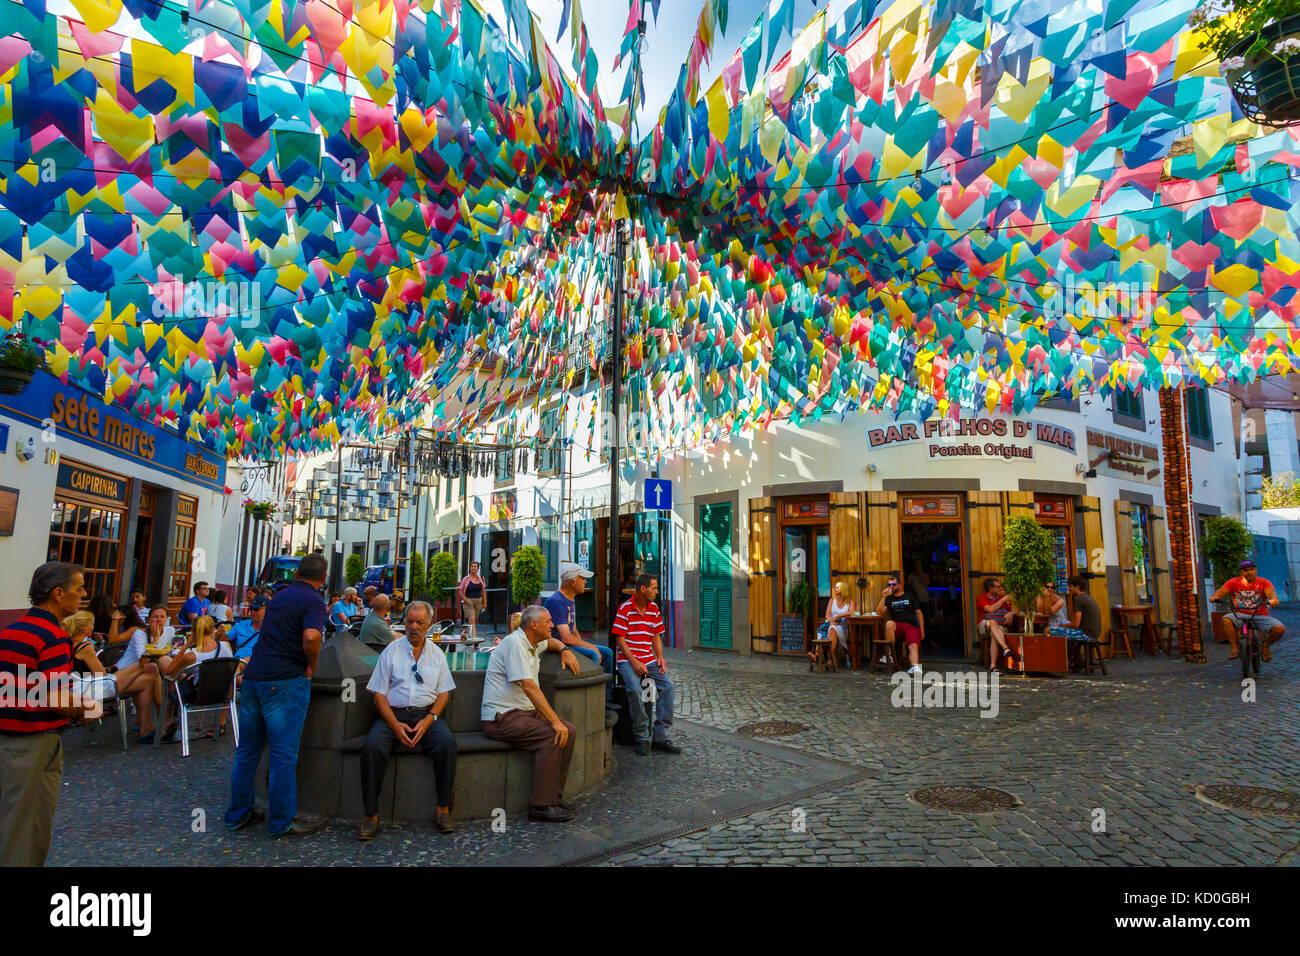 La atmósfera en una plaza de la aldea. Imagen De Stock